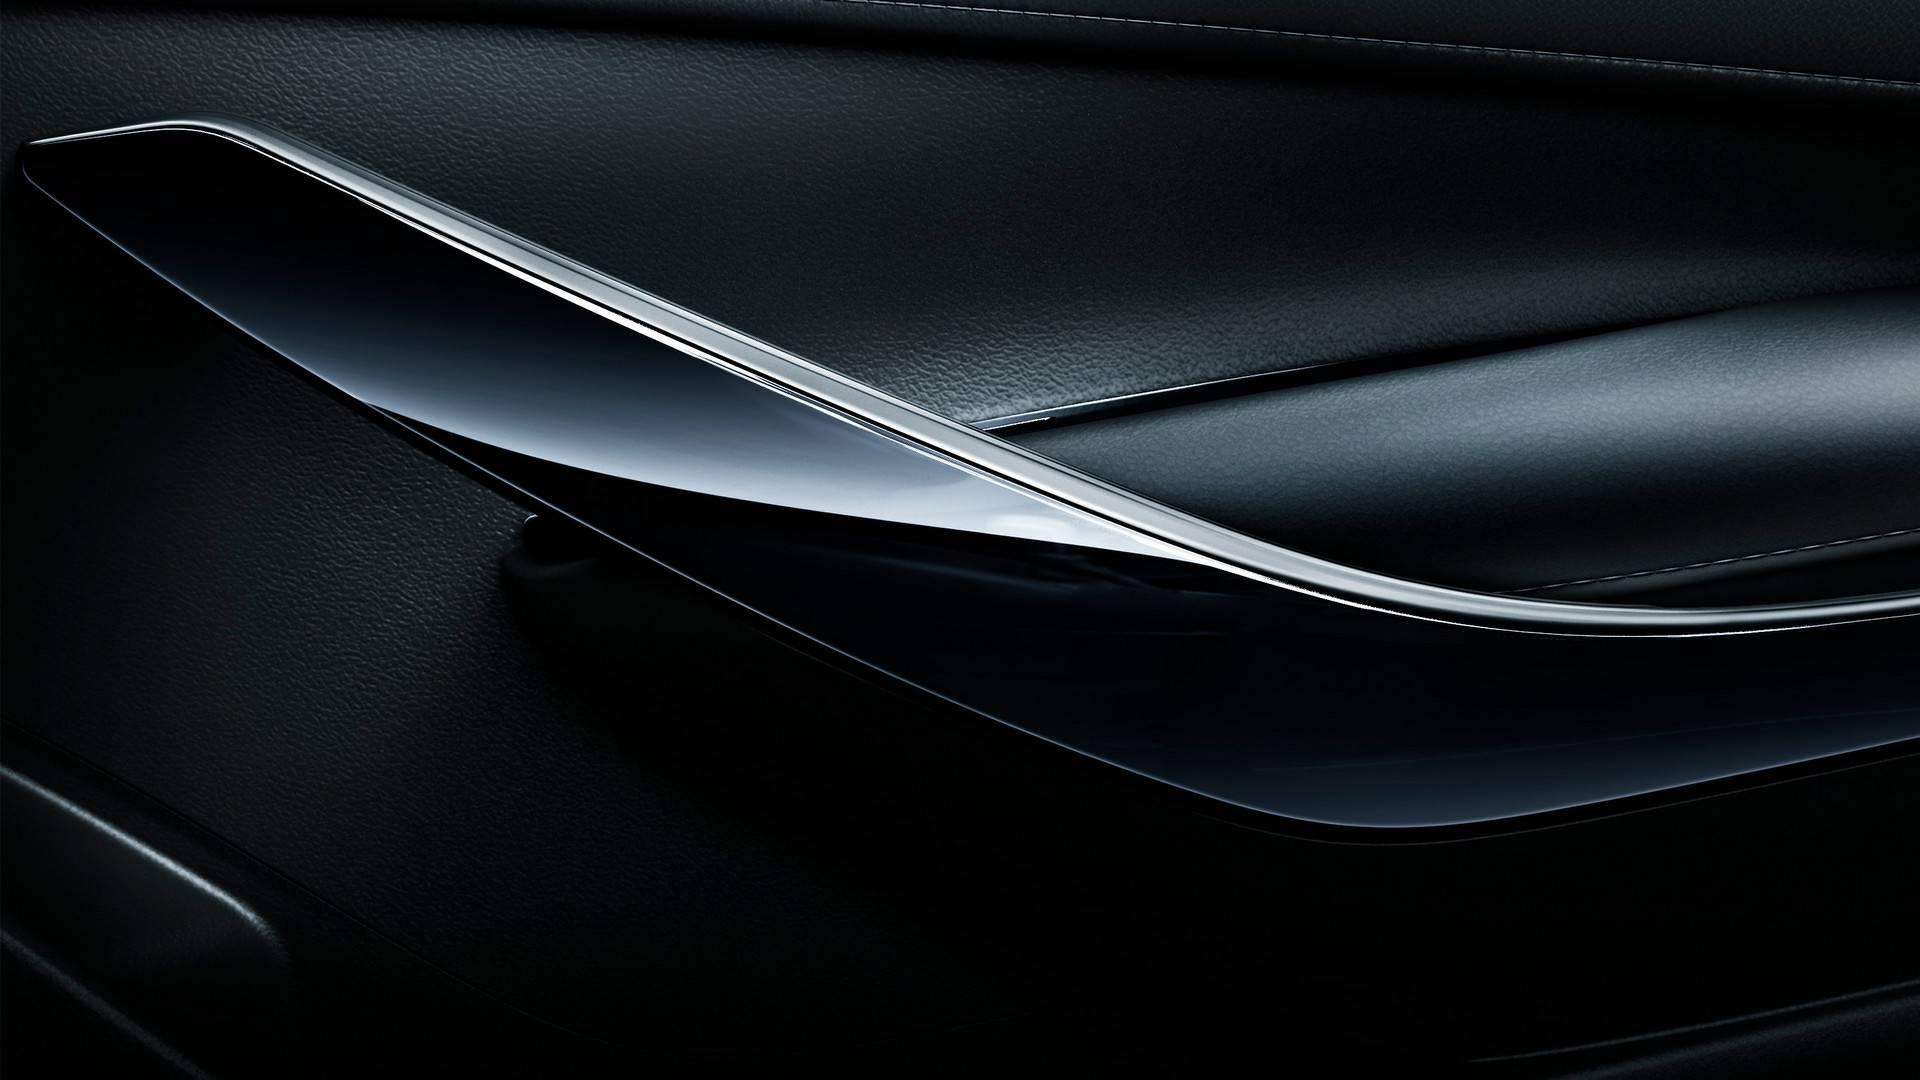 2019_Toyota_Corolla_Hatchback_0033